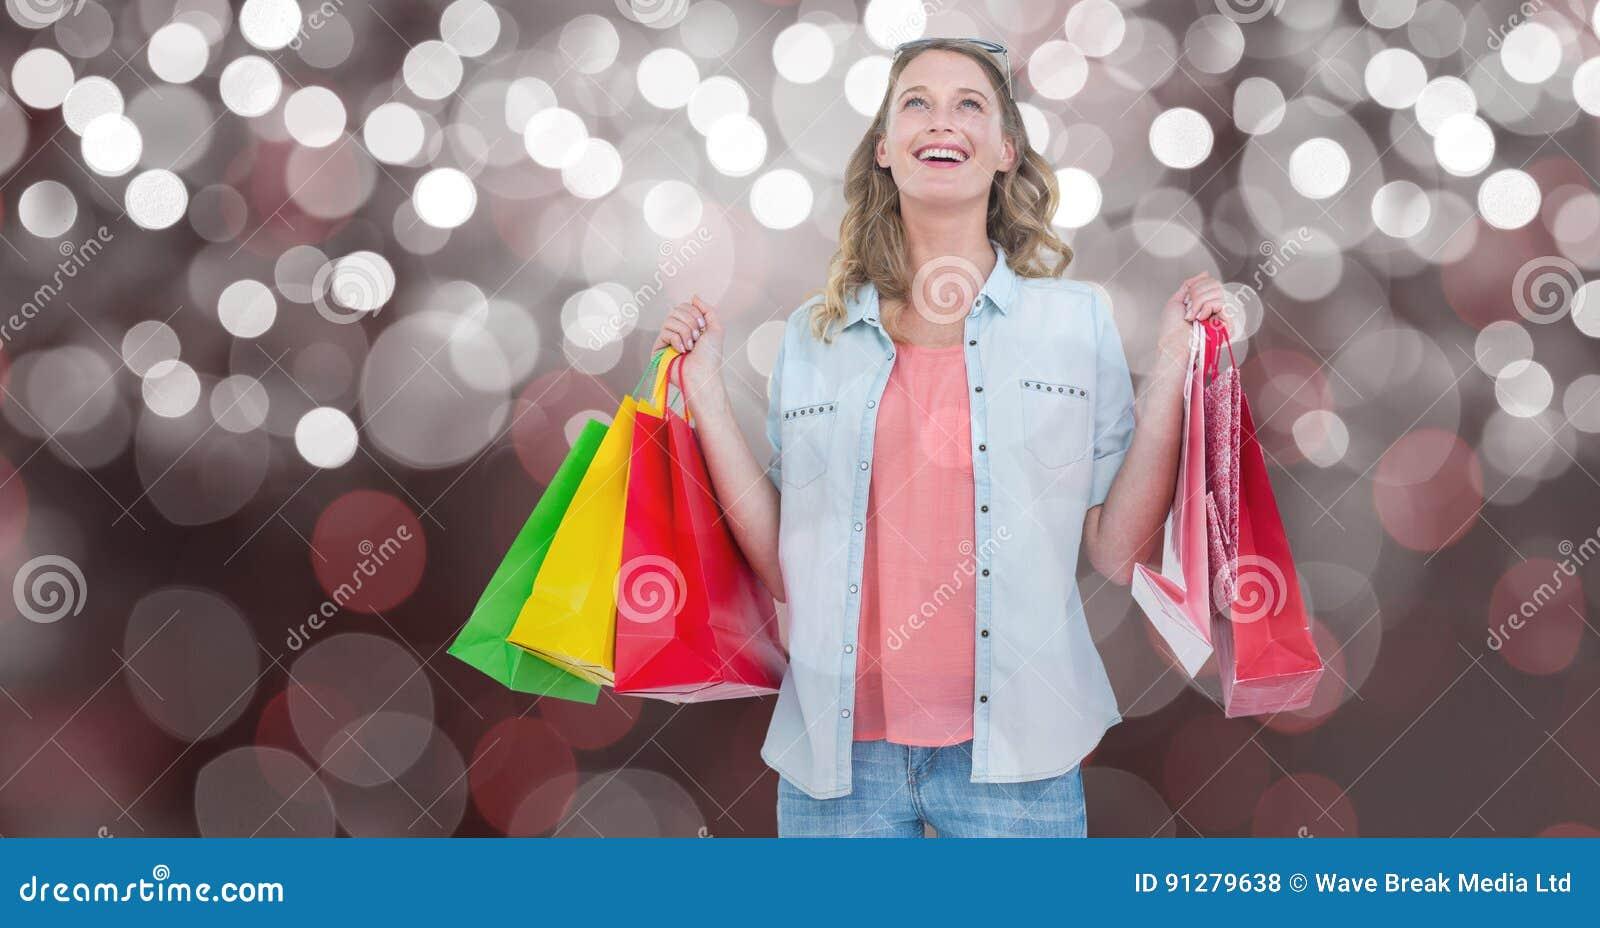 Kvinna med bärande shoppingpåsar över bokeh